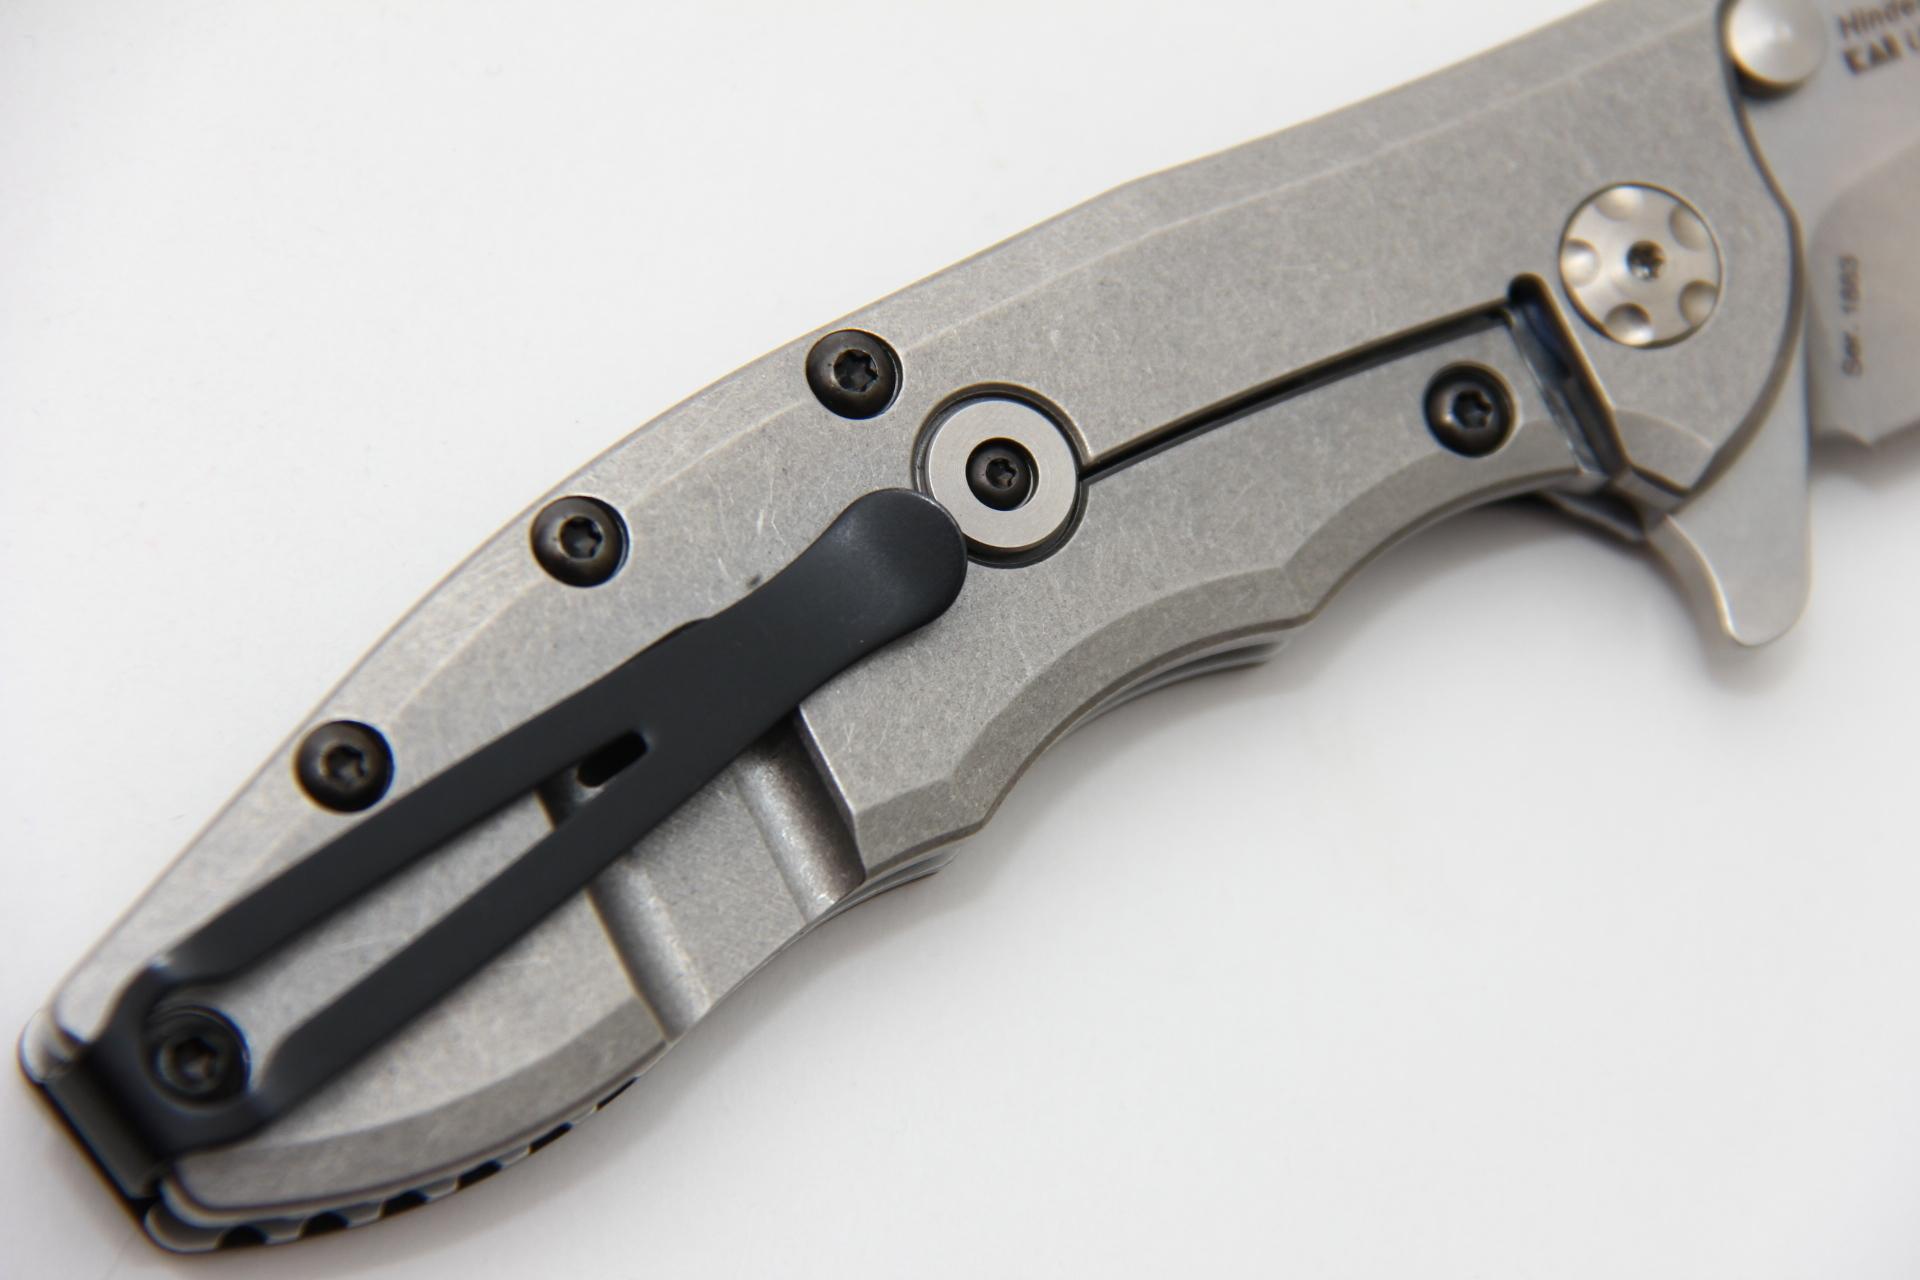 Нож Zero Tolerance 0562 ZT0562 S35VN - фотография